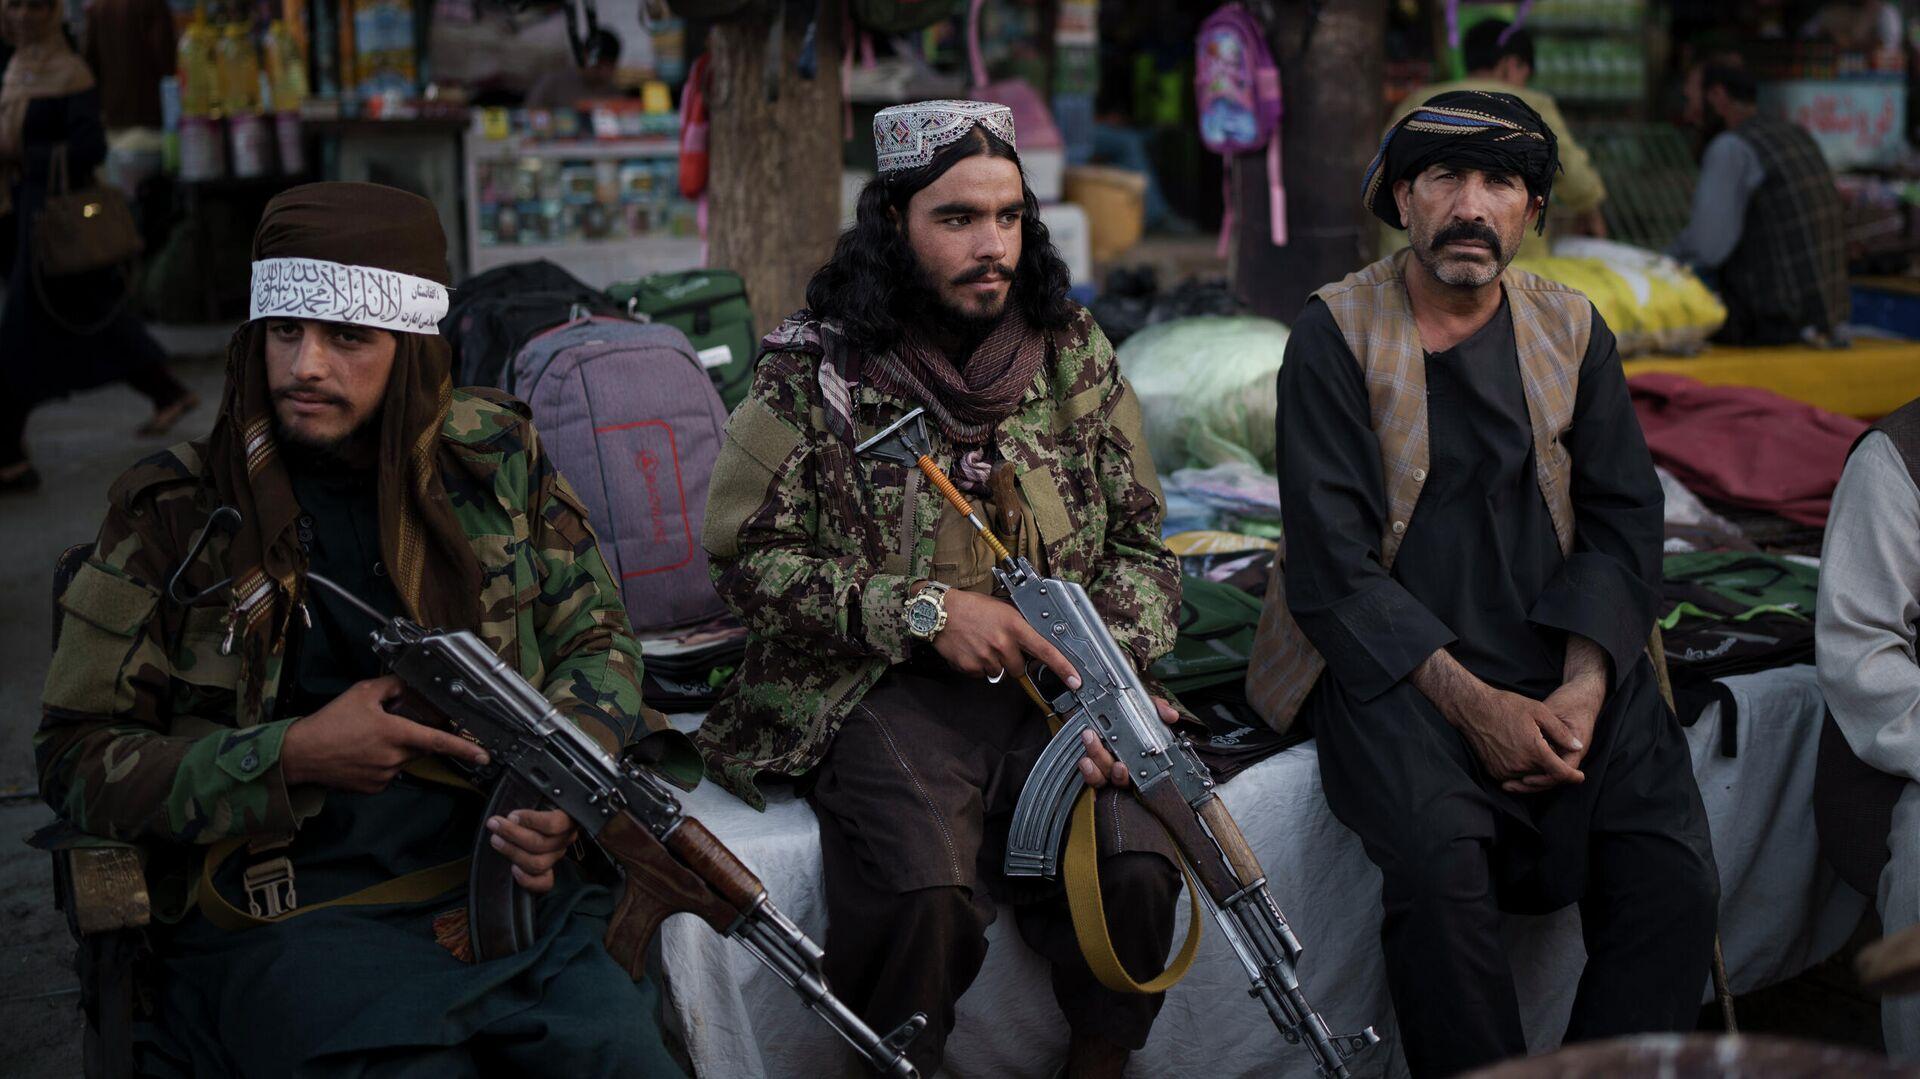 Боевики движения Талибан (террористическая организация, запрещена в России) в Кабуле - Sputnik საქართველო, 1920, 11.10.2021